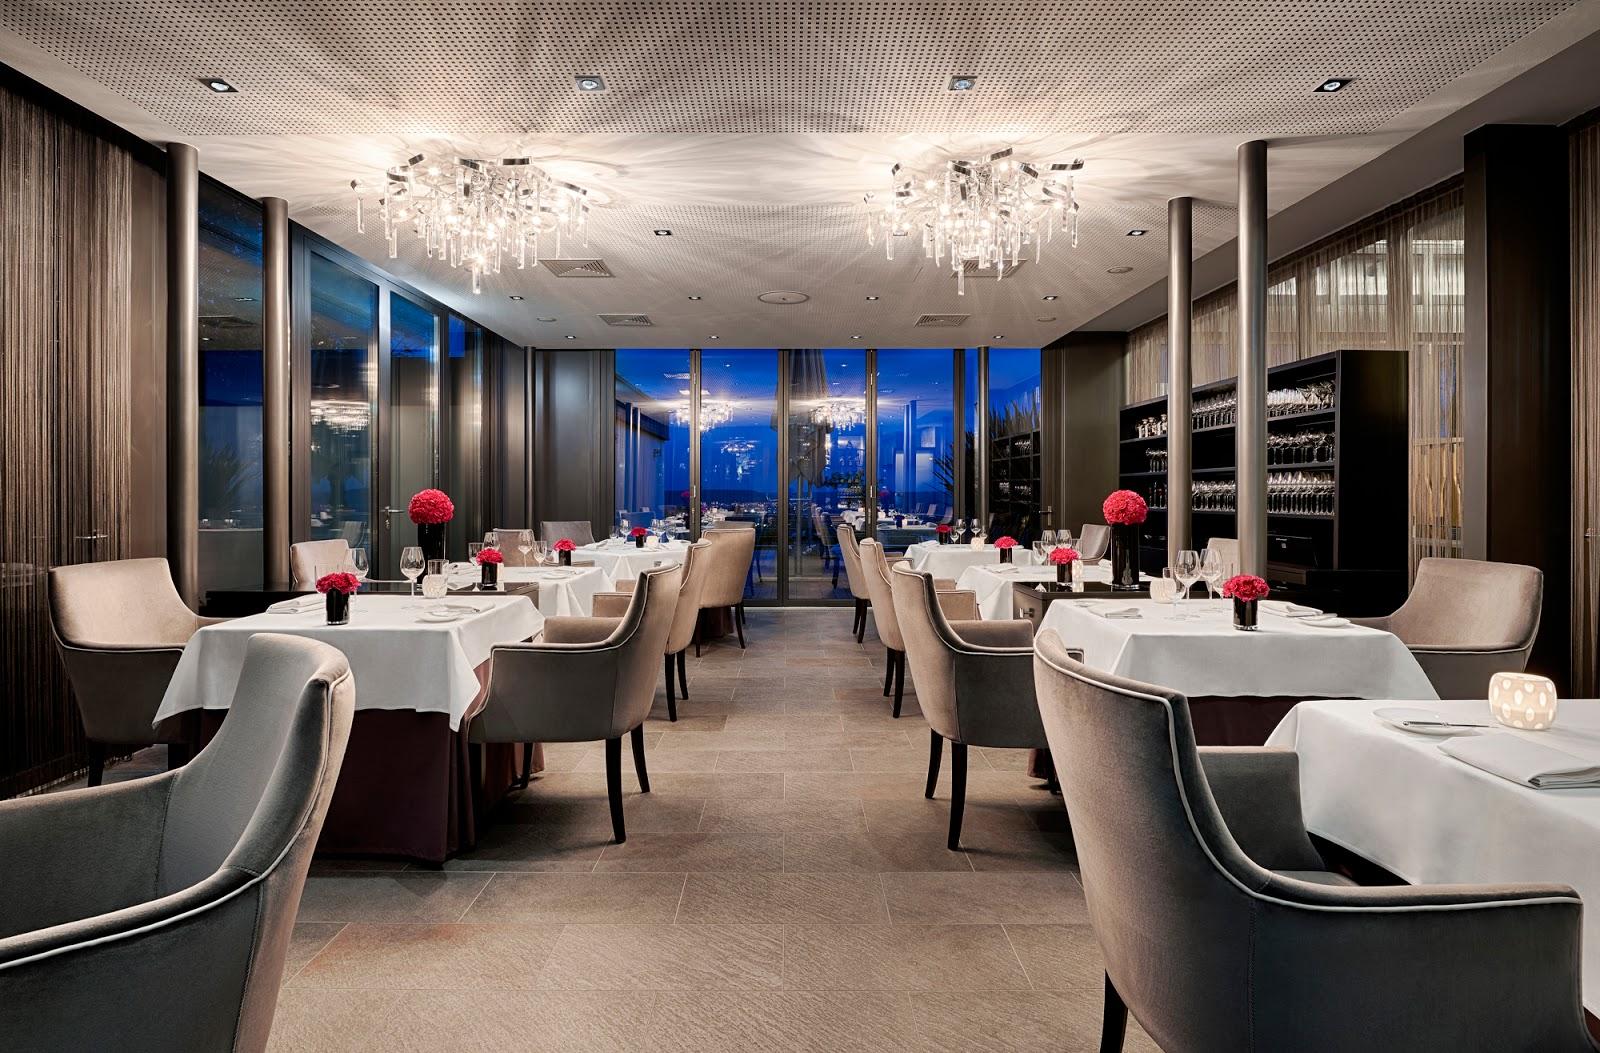 Restaurant Nils Henkel (JRE), Burg Schwarzenstein. Bildnachweis: Restaurant Nils Henkel | Arthurs Tochter kocht. von Astrid Paul